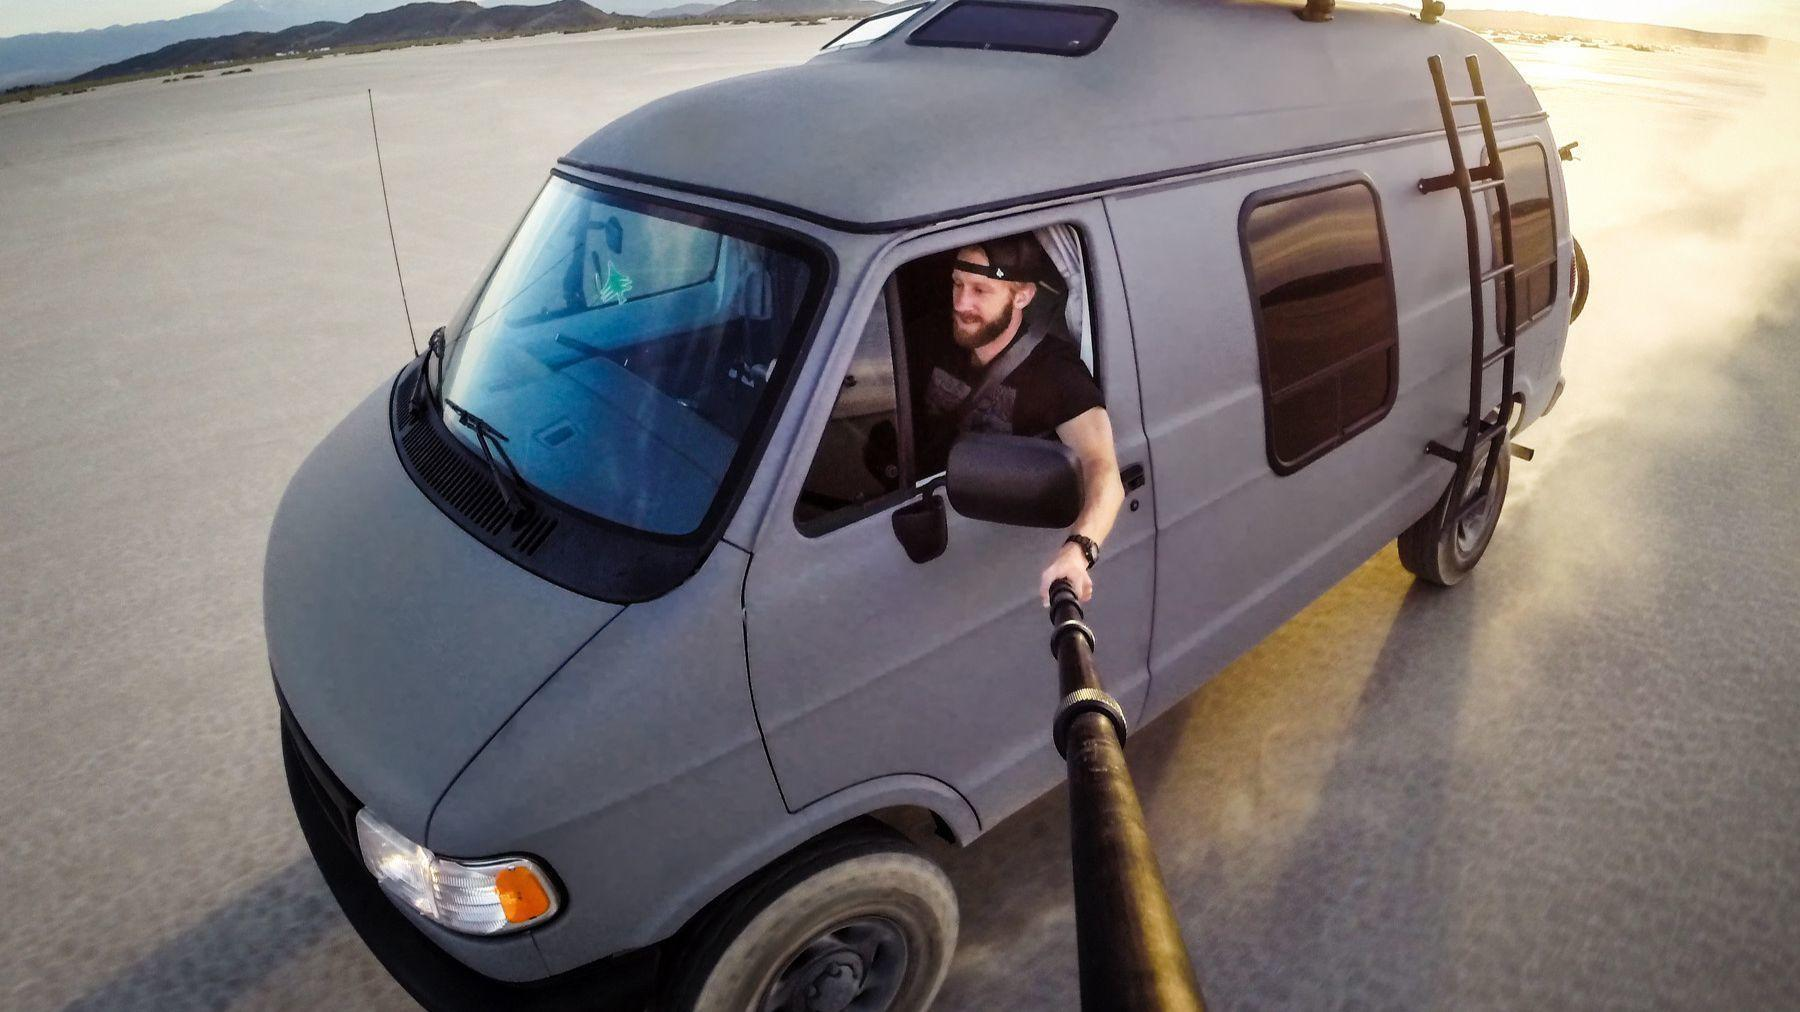 Ram van giveaway